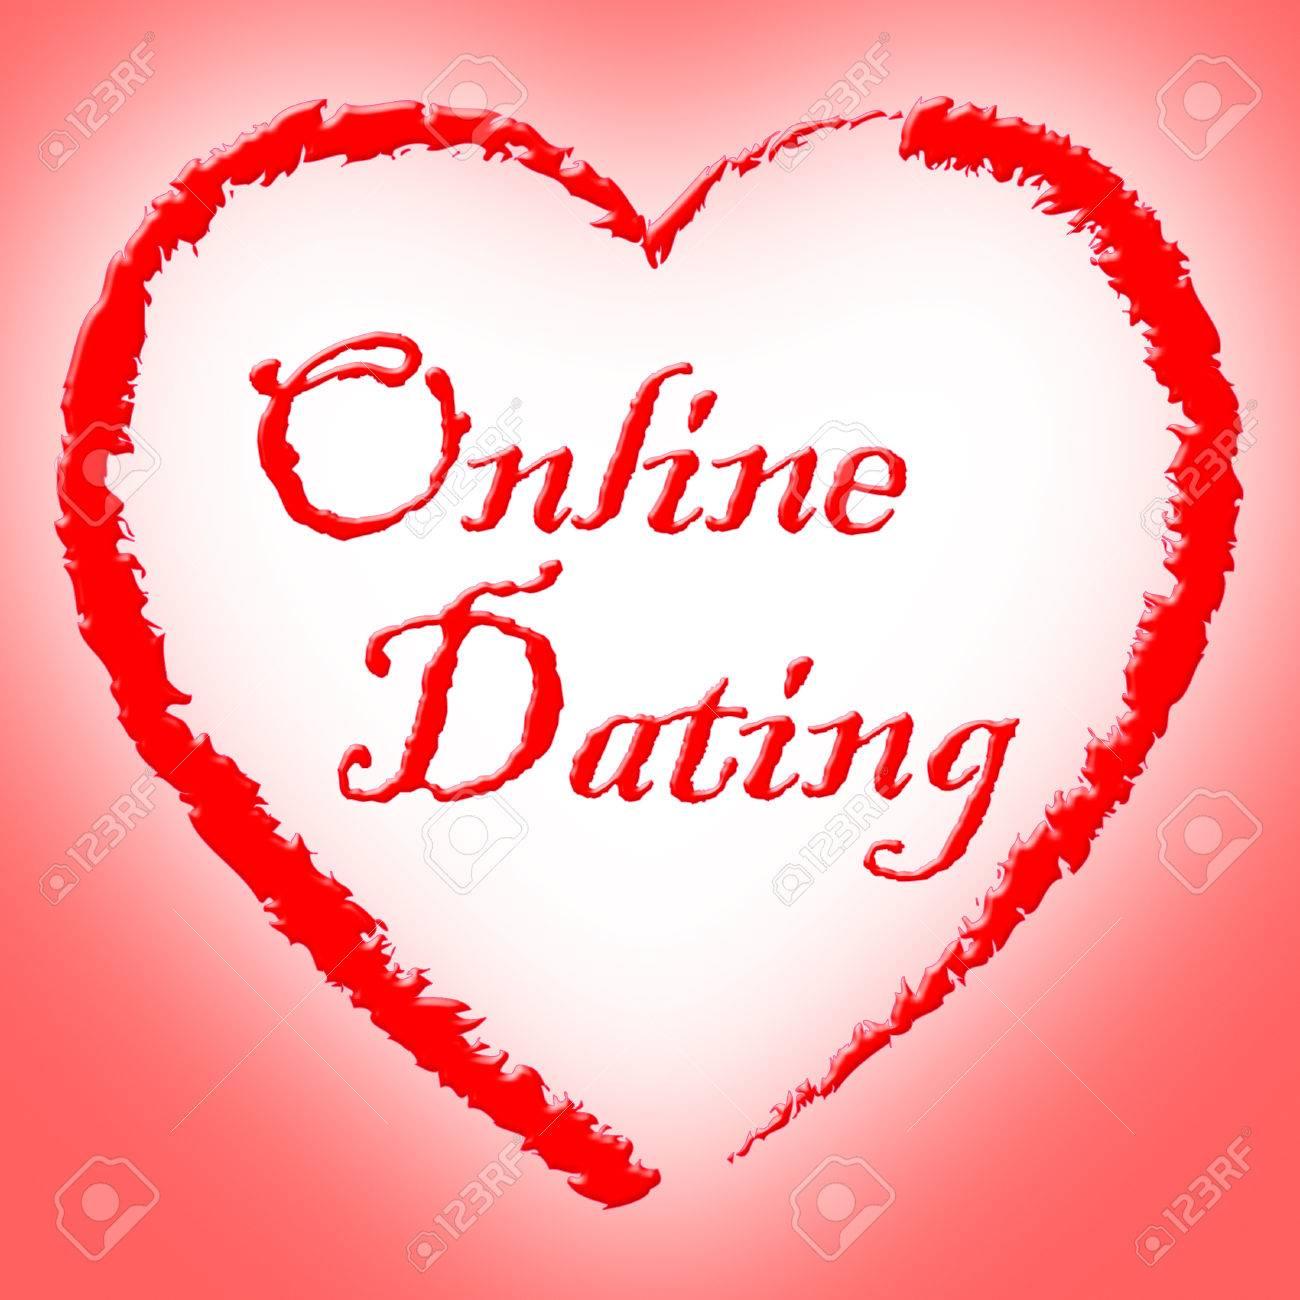 Hjelp til å sette opp online dating profil